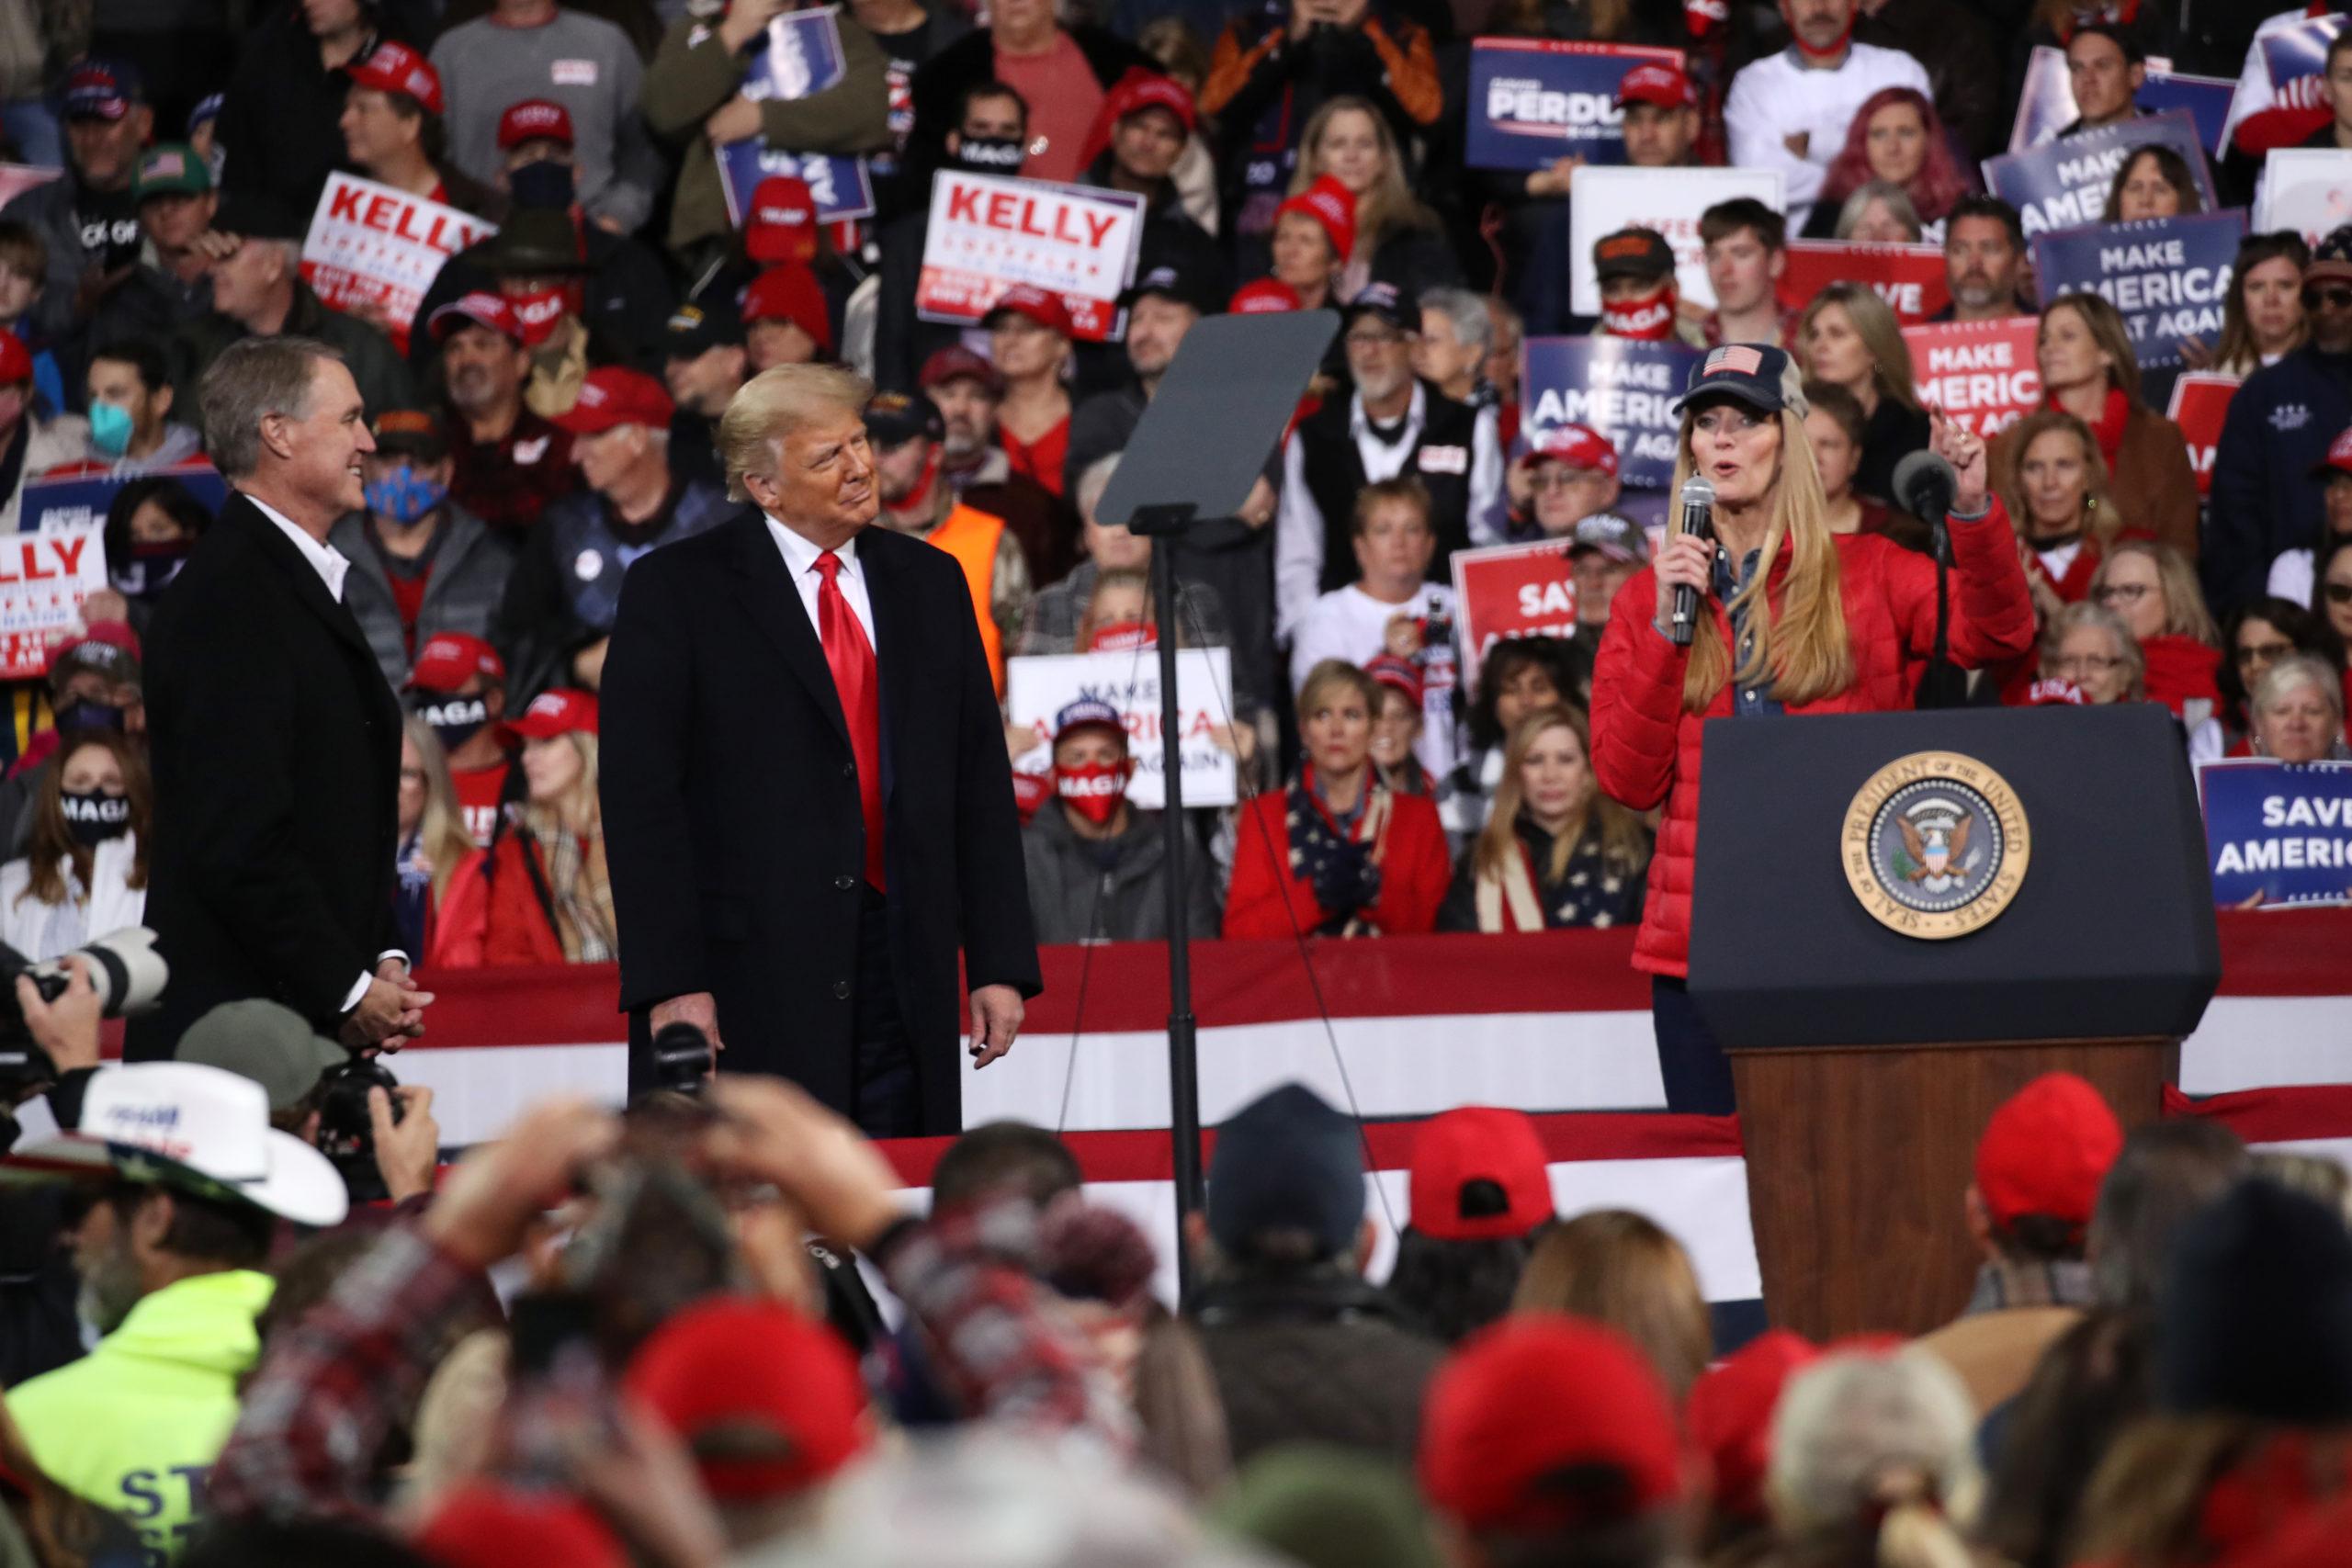 VALDOSTA, GEORGIA - DECEMBER 05: President Donald Trump attends a rally in support of Sen. David Perdue (R-GA) and Sen. Kelly Loeffler (R-GA) on December 05, 2020 in Valdosta, Georgia. (Photo by Spencer Platt/Getty Images)